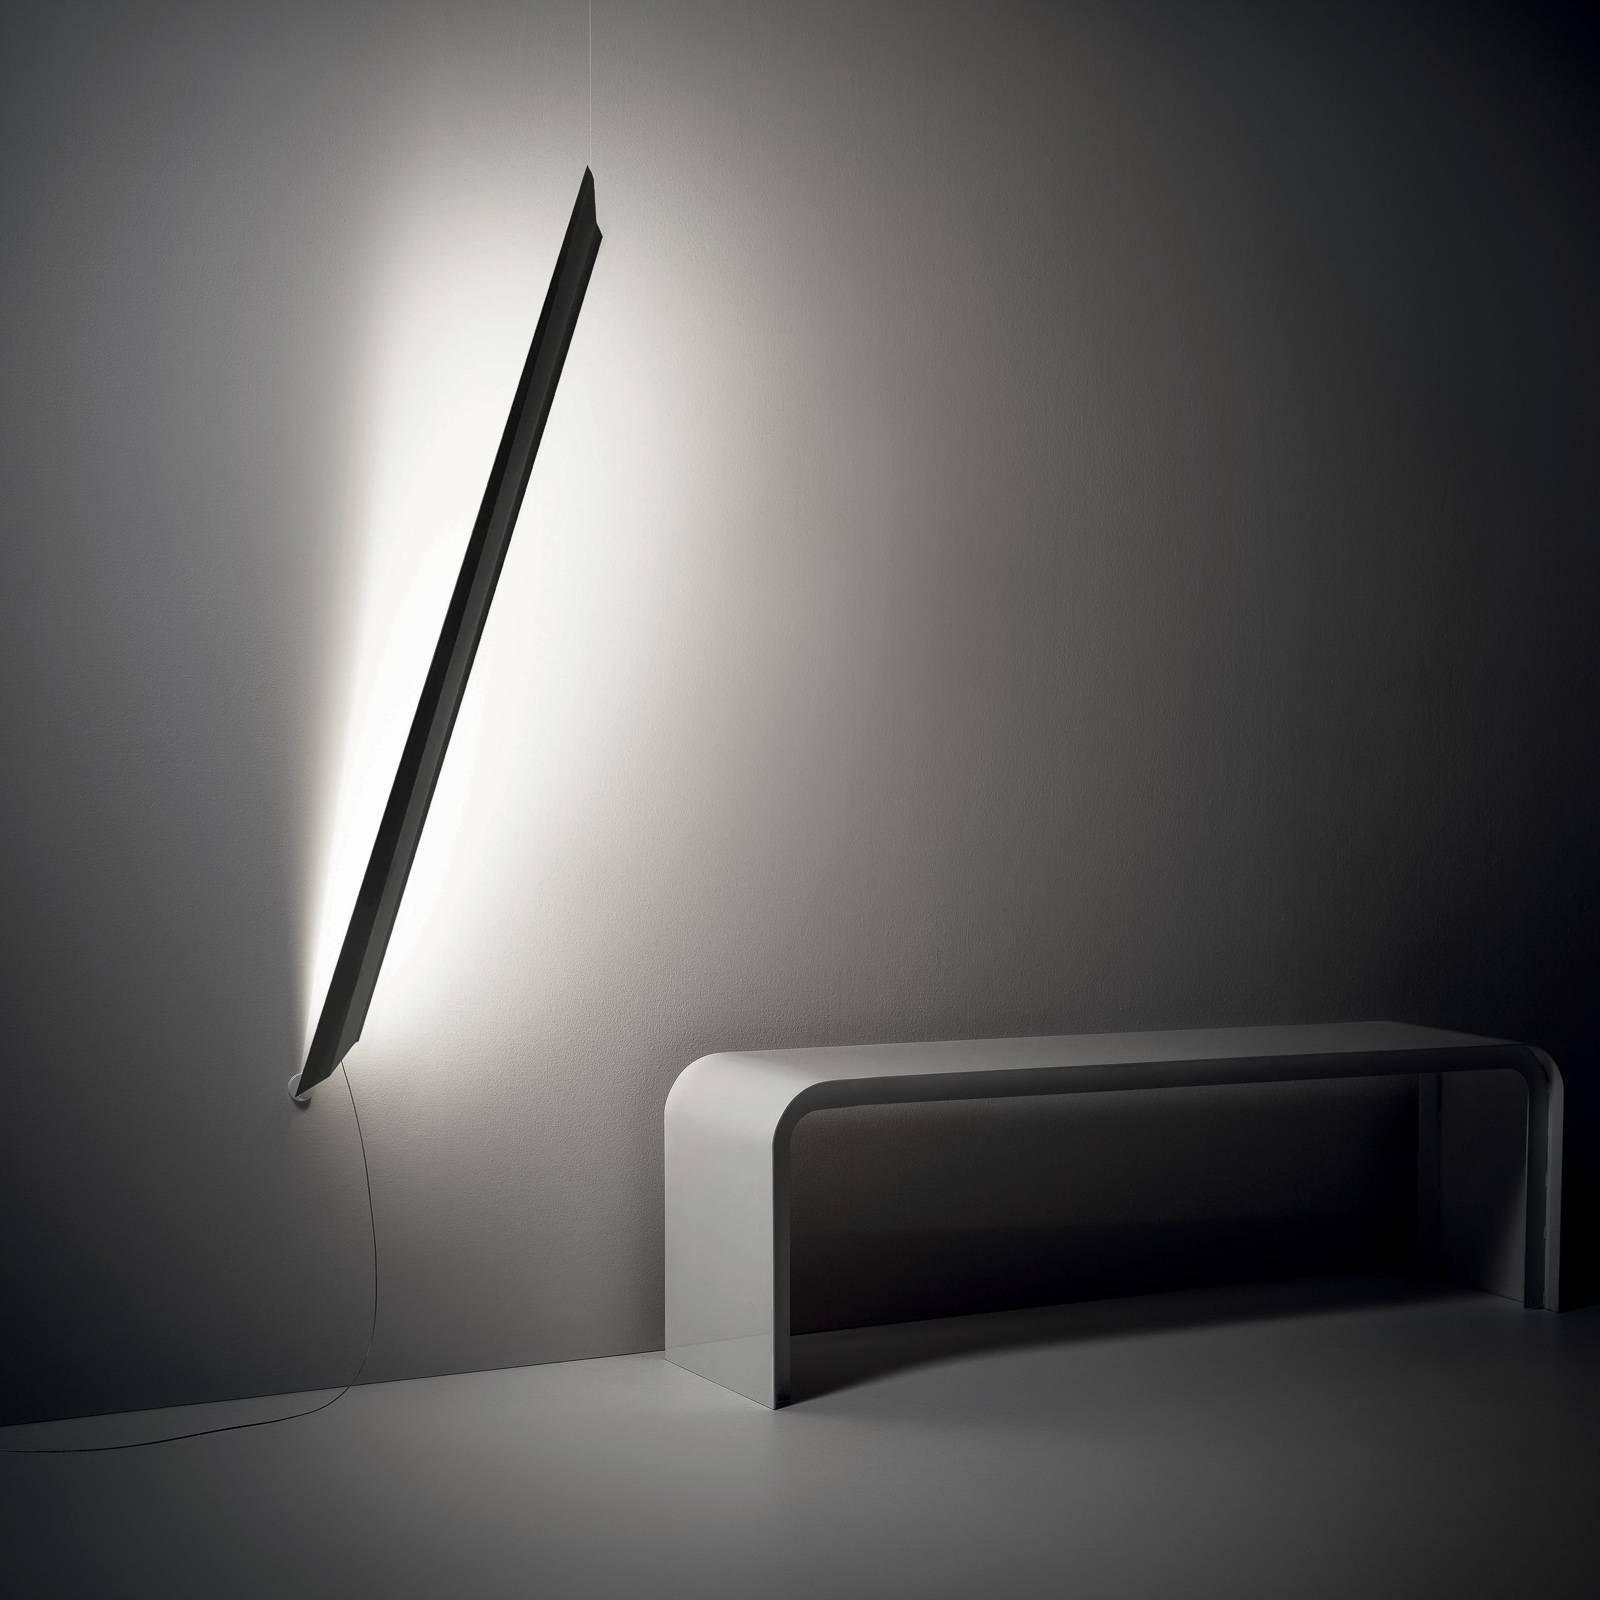 Knikerboker Schegge applique LED, noire mate